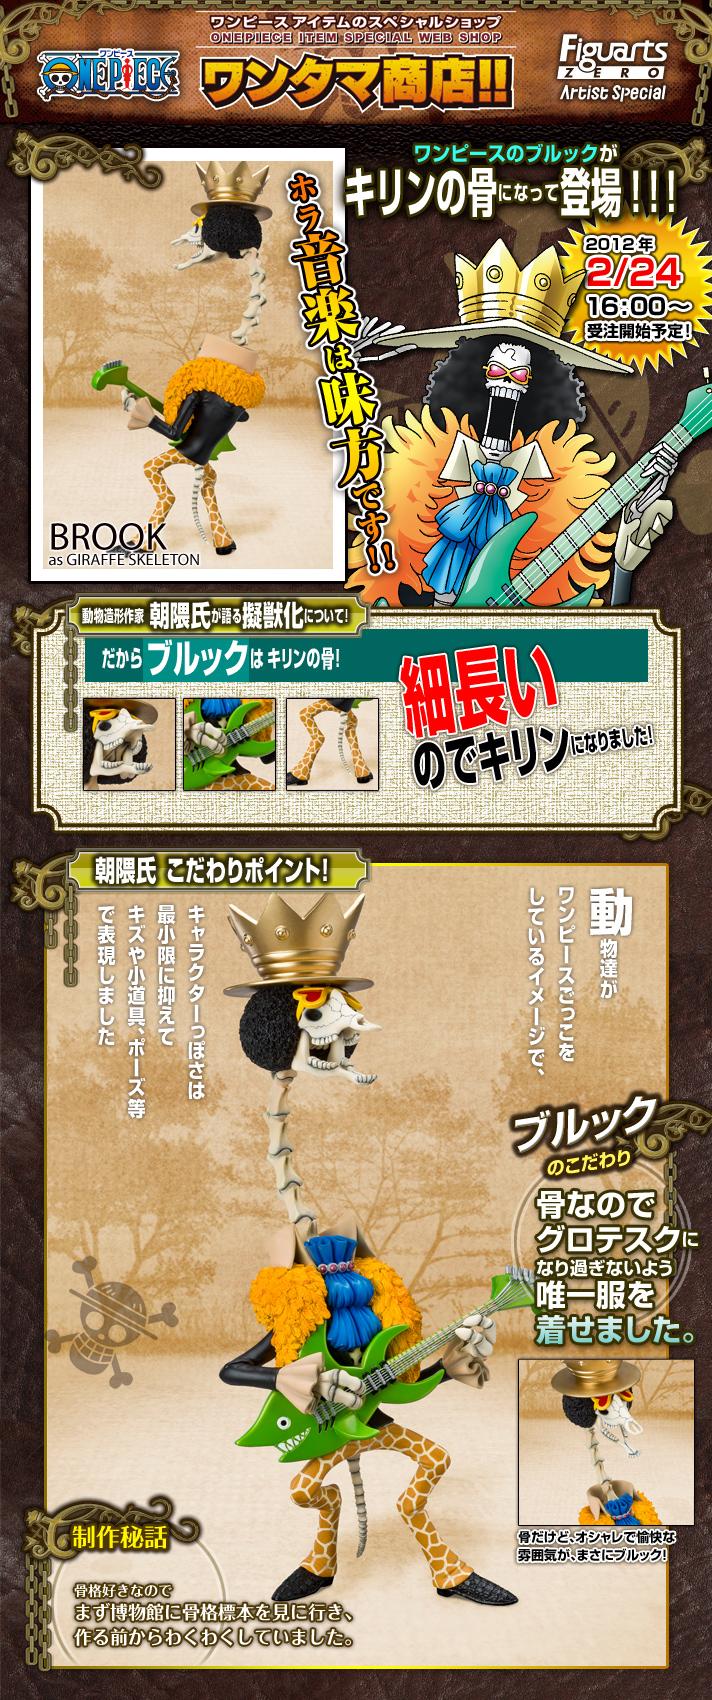 魂ウェブ商店 プレミアムバンダイ店   Figuarts ZERO Artist Special ブルック as キリンの骨